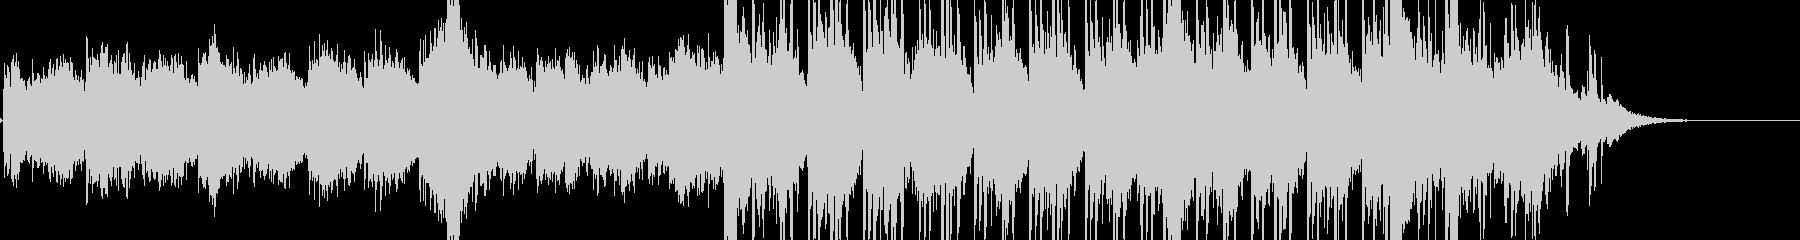 壮大なエレキギターのアルペジオの未再生の波形